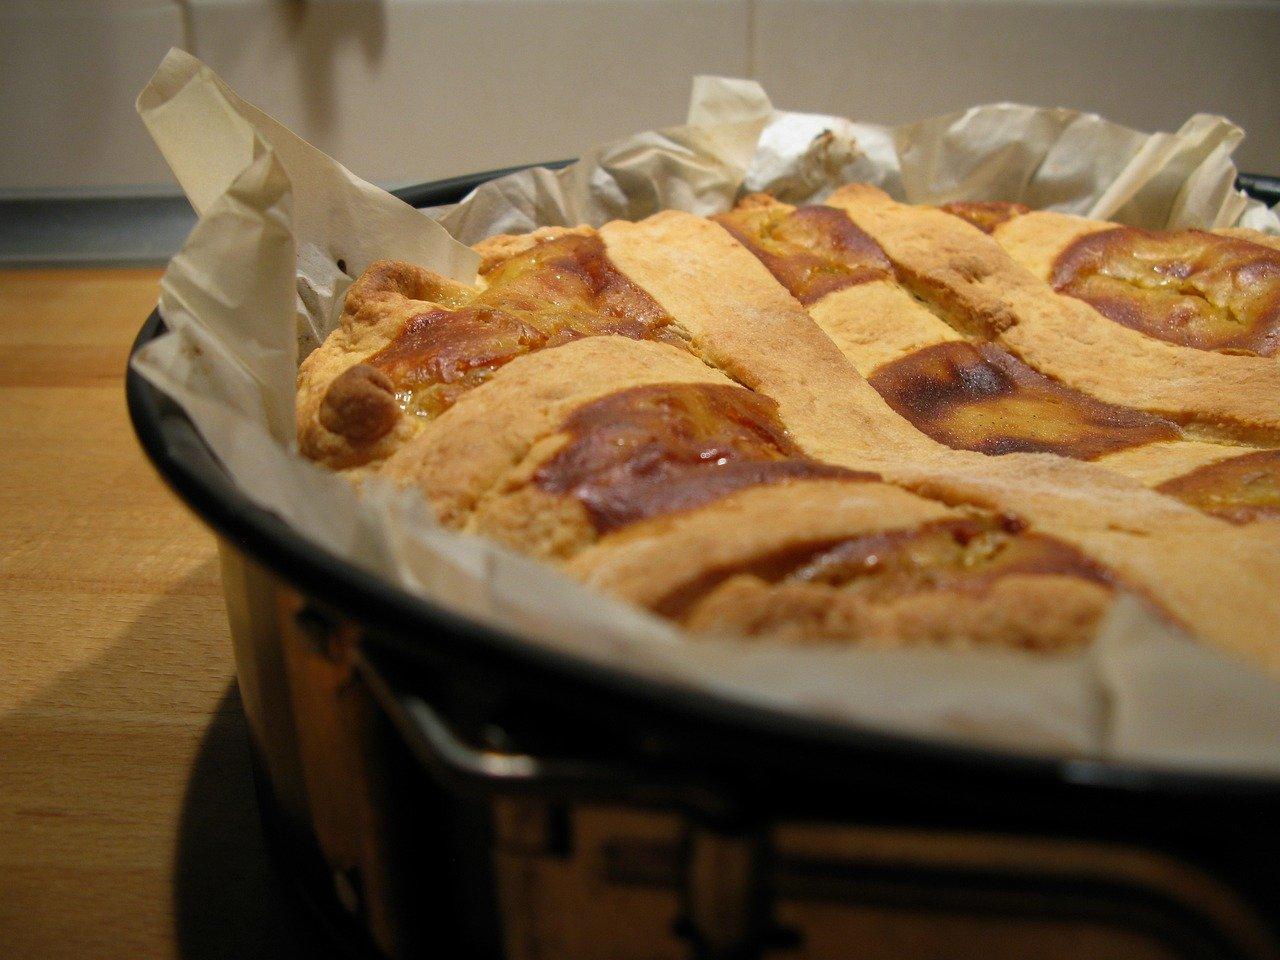 Perché la pastiera napoletana si ricopre con sette strisce di frolla?